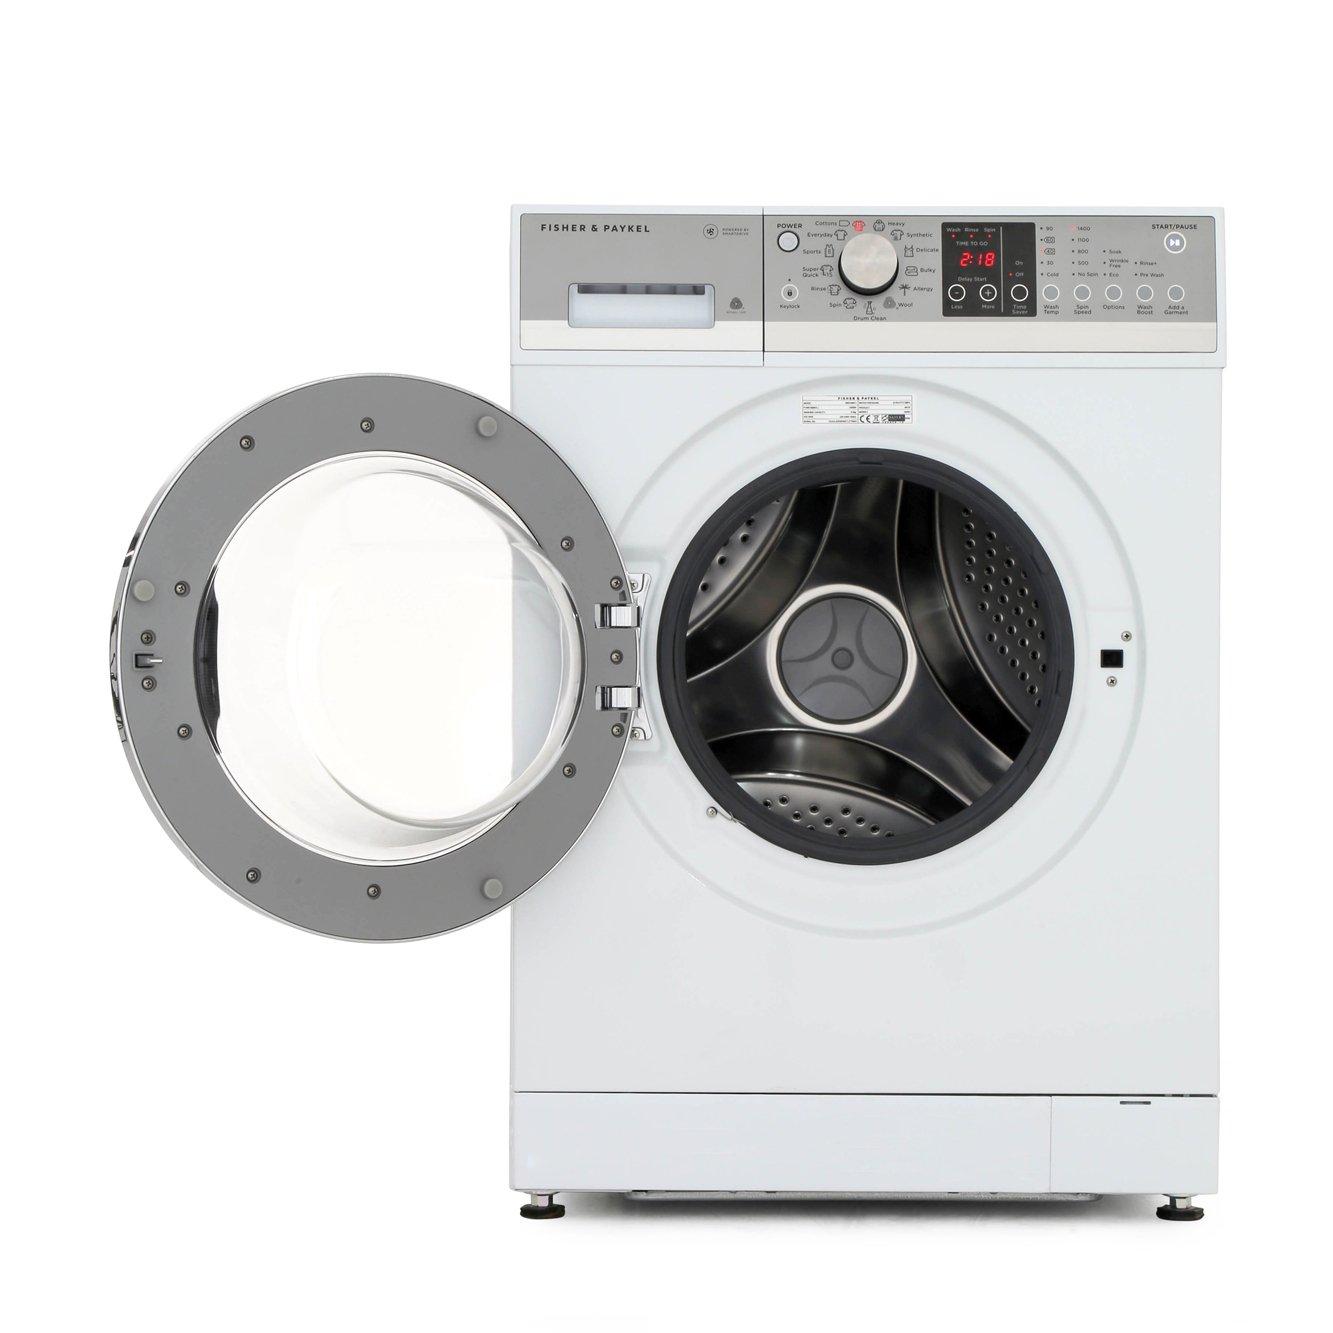 Buy Fisher & Paykel Series 7 WM1490F1 Washing Machine ...